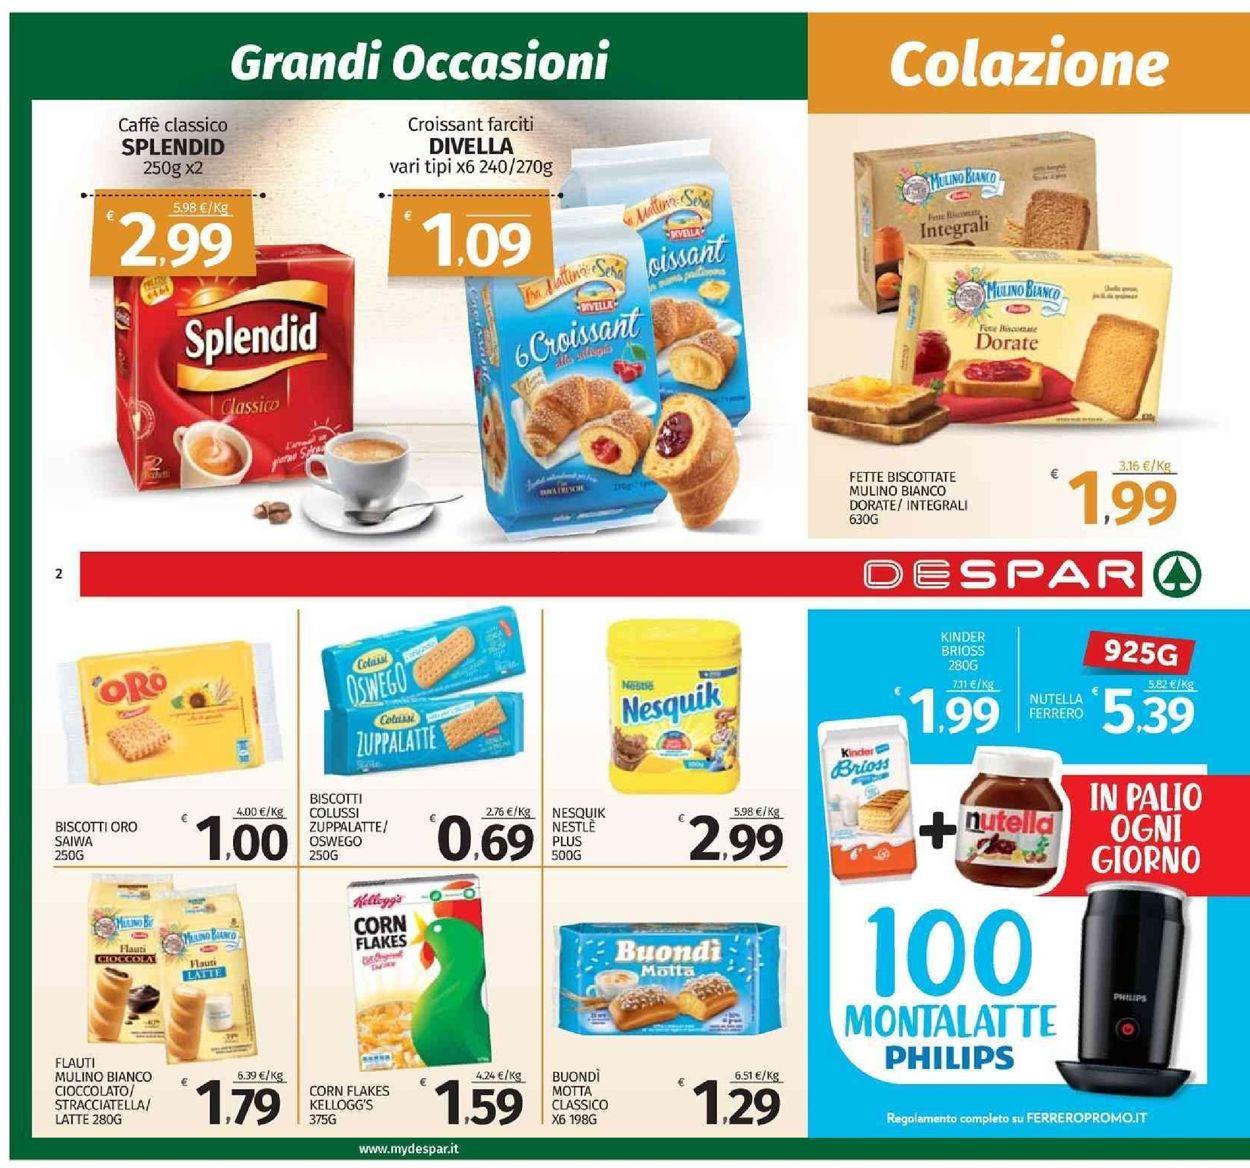 Volantino Despar - Offerte 09/09-18/09/2019 (Pagina 2)